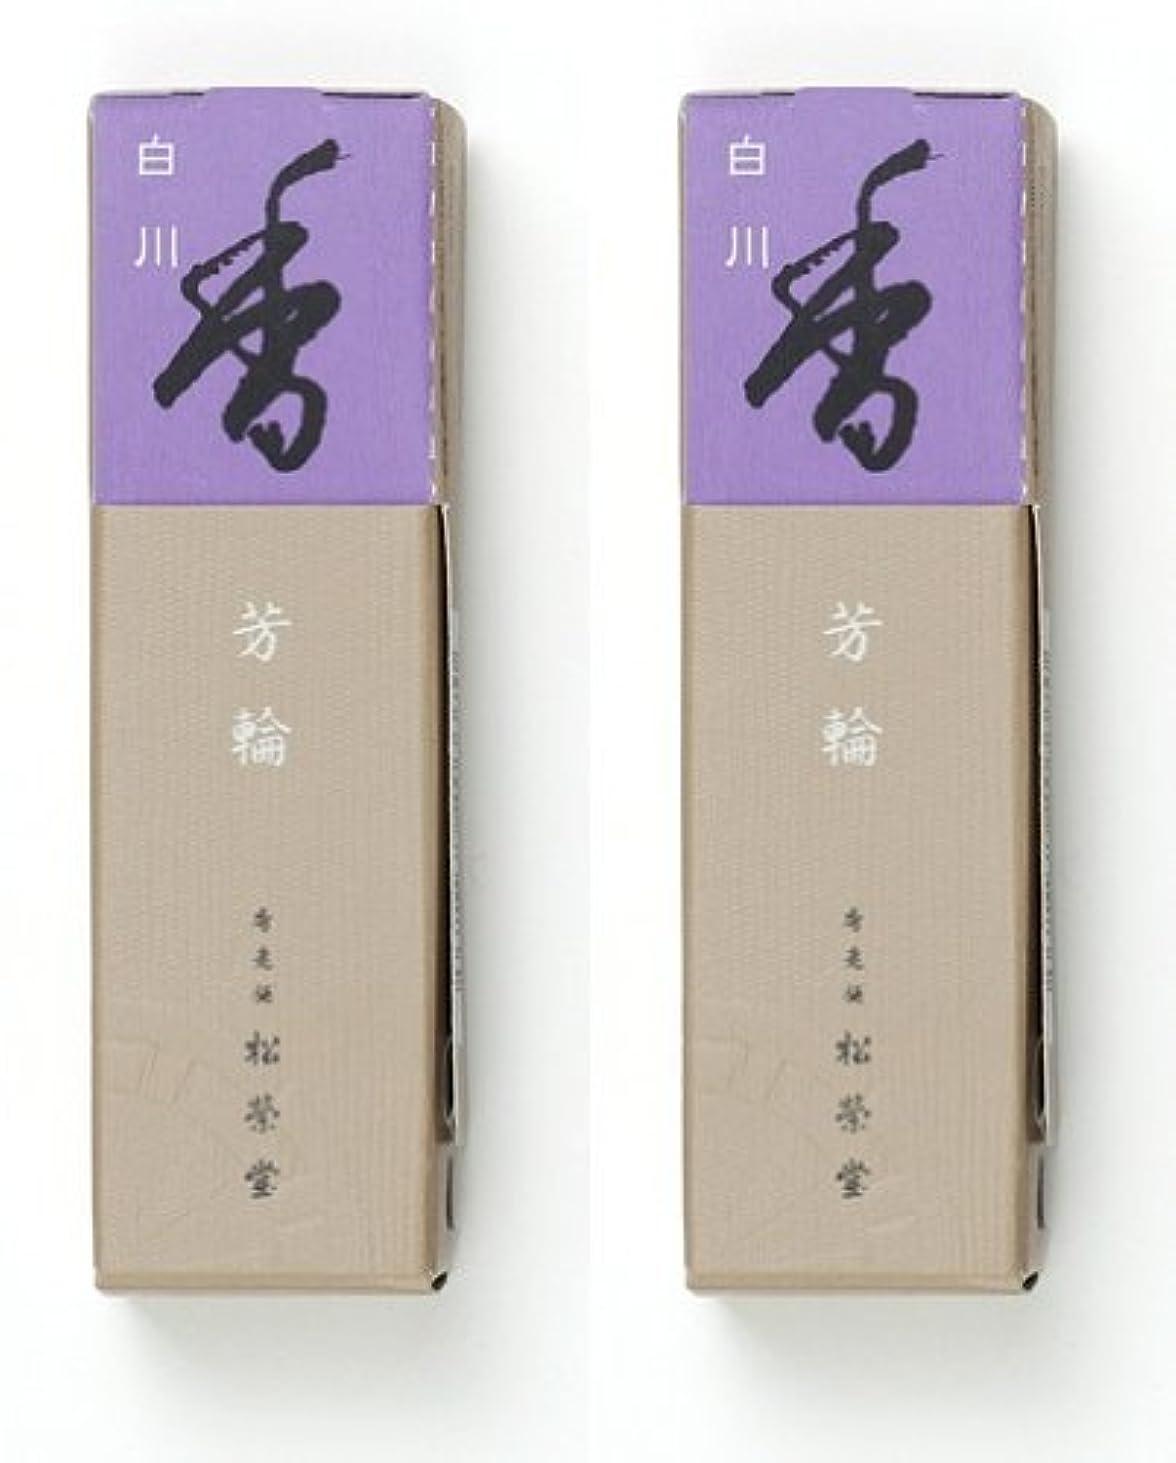 偉業ステレオストッキング松栄堂 芳輪 白川 スティック20本入 2箱セット